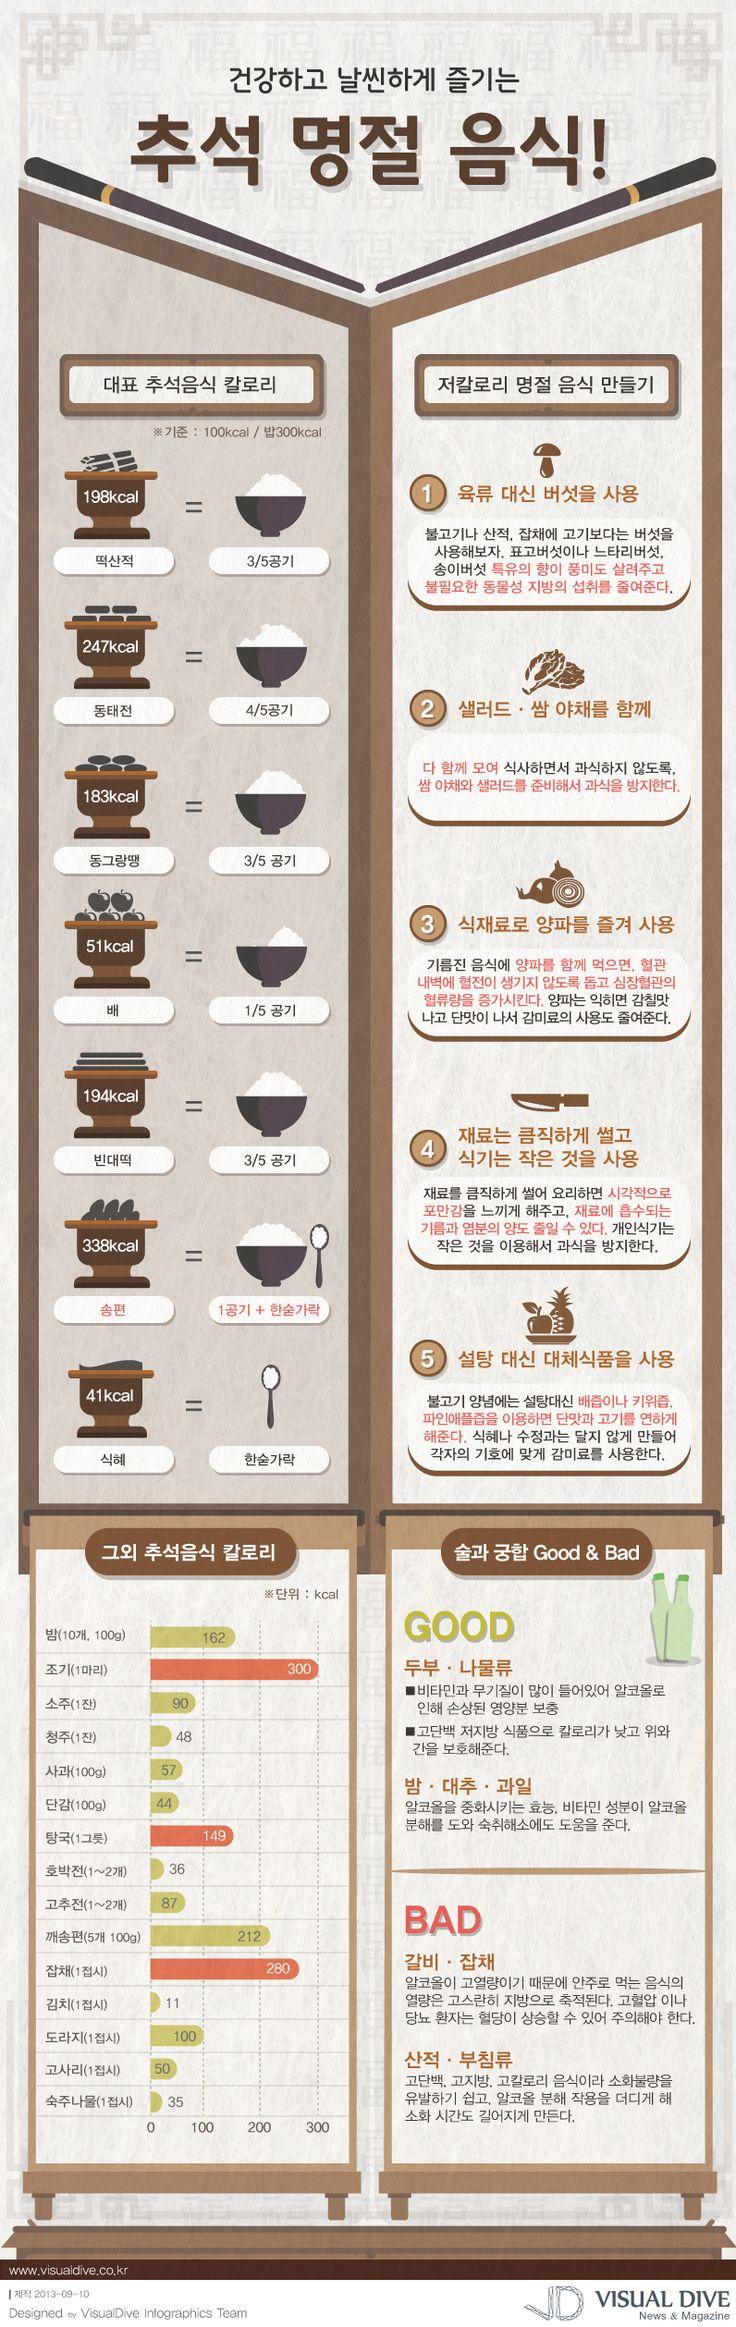 """[인포그래픽] 송편, 잡채 등 고칼로리 추석 음식...칼로리를 줄이려면? #kcal / #Infographic"""" ⓒ 비주얼다이브 무단 복사·전재·재배포 금지"""